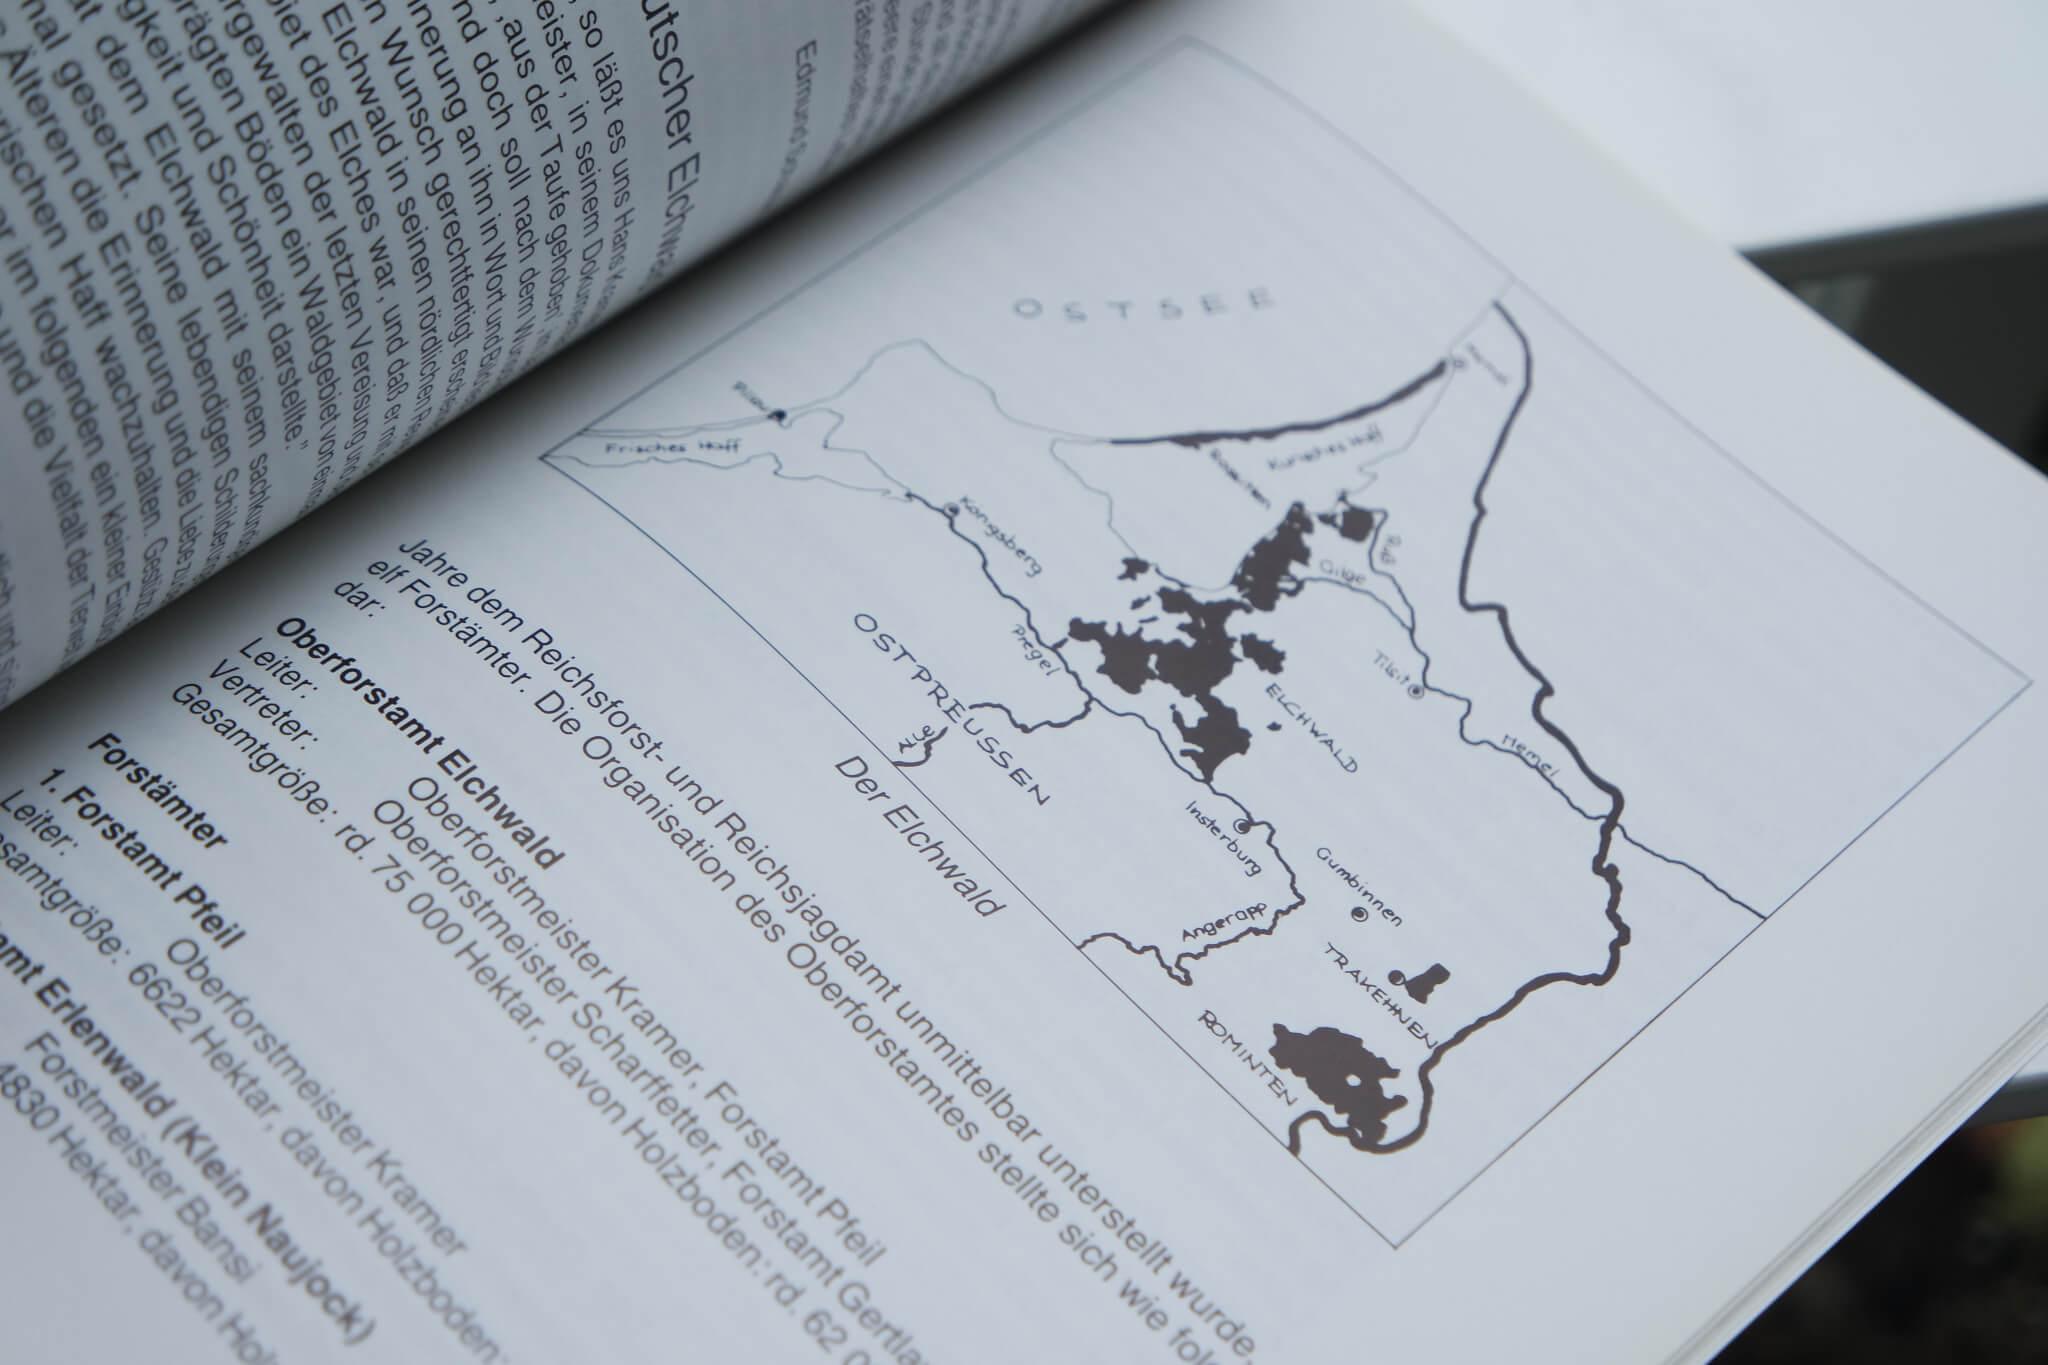 Eine Karte aus dem Buch, Im Land der Elche